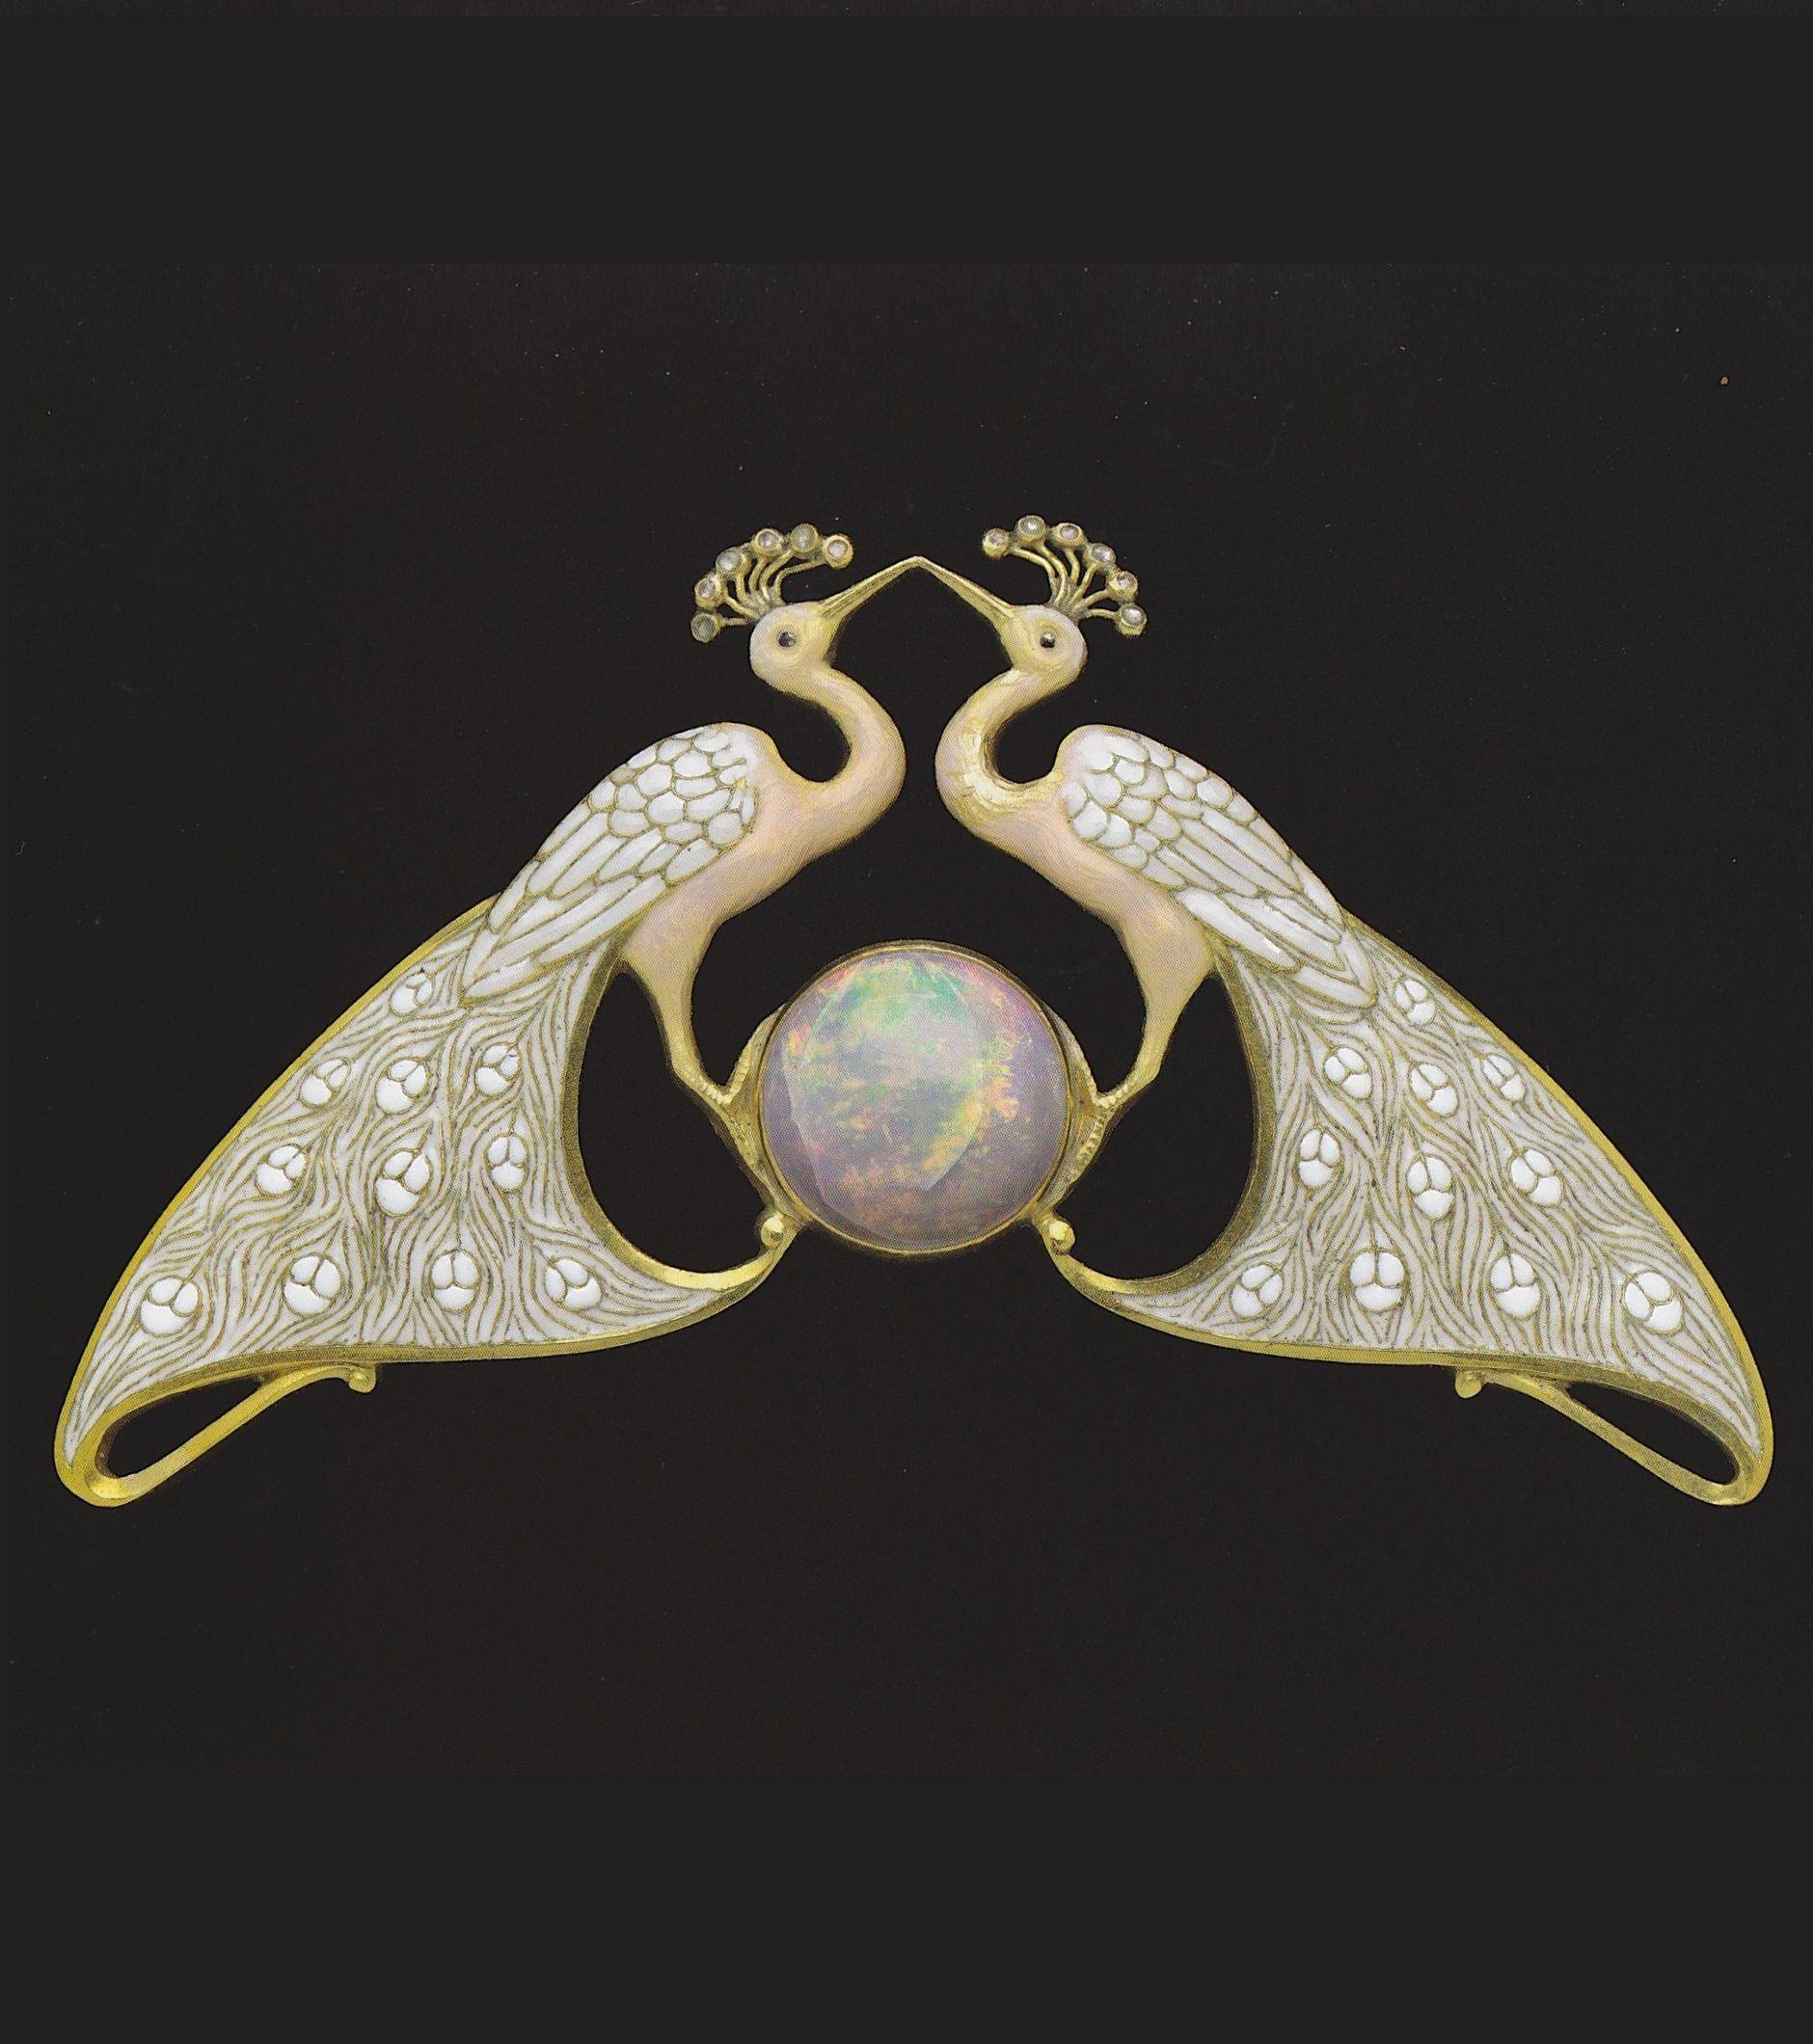 An Art Nouveau double peacock pendant, by Eugène Feuillâtre. Gold, enamel, diamond and opal. #ArtNouveau #Feuillatre #Feuillâtre